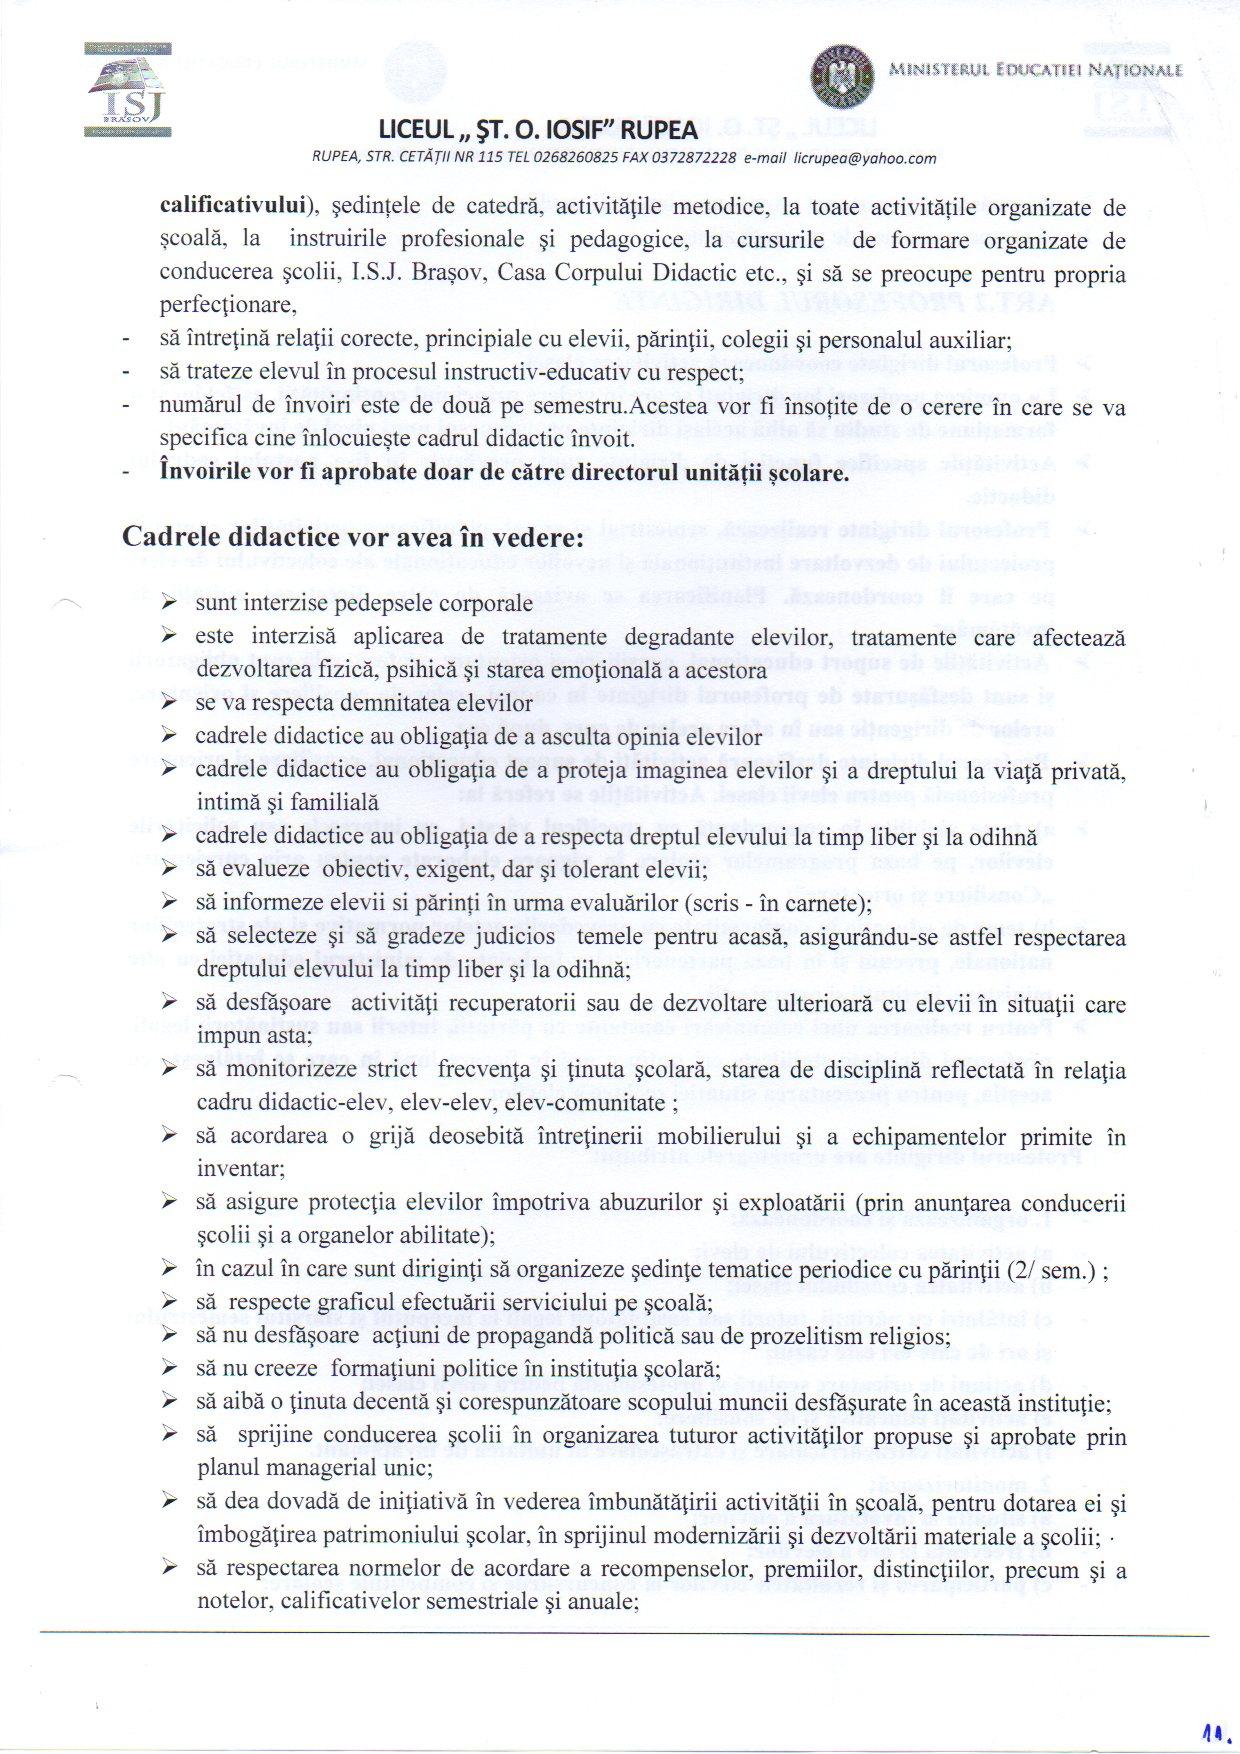 Regulament de ordine interioara